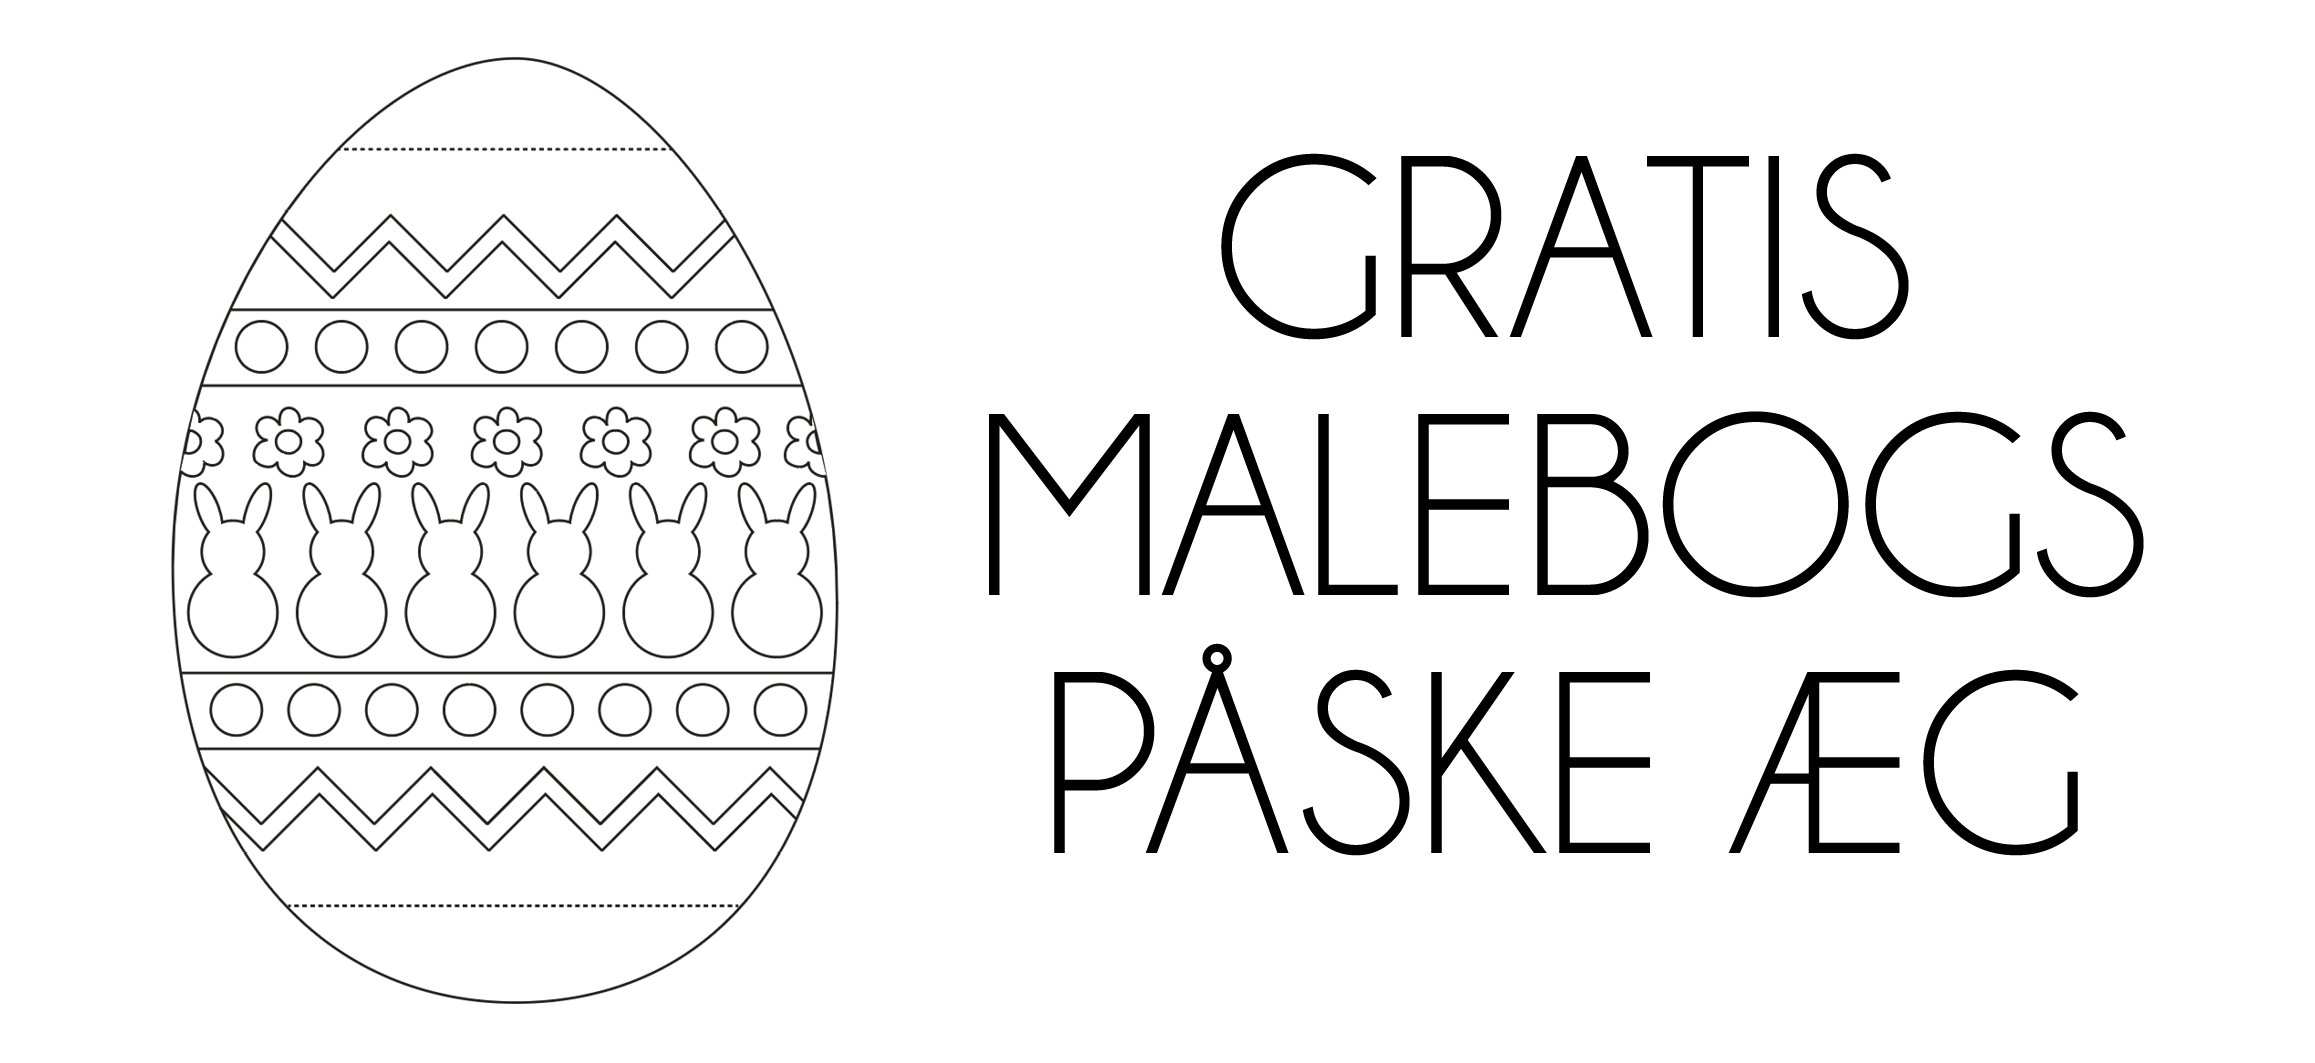 Mal selv påske æg, malebogs påskeæg, gratis påskeklip, DIY påskeklip, print selv malebogs sider, print selv påskeæg